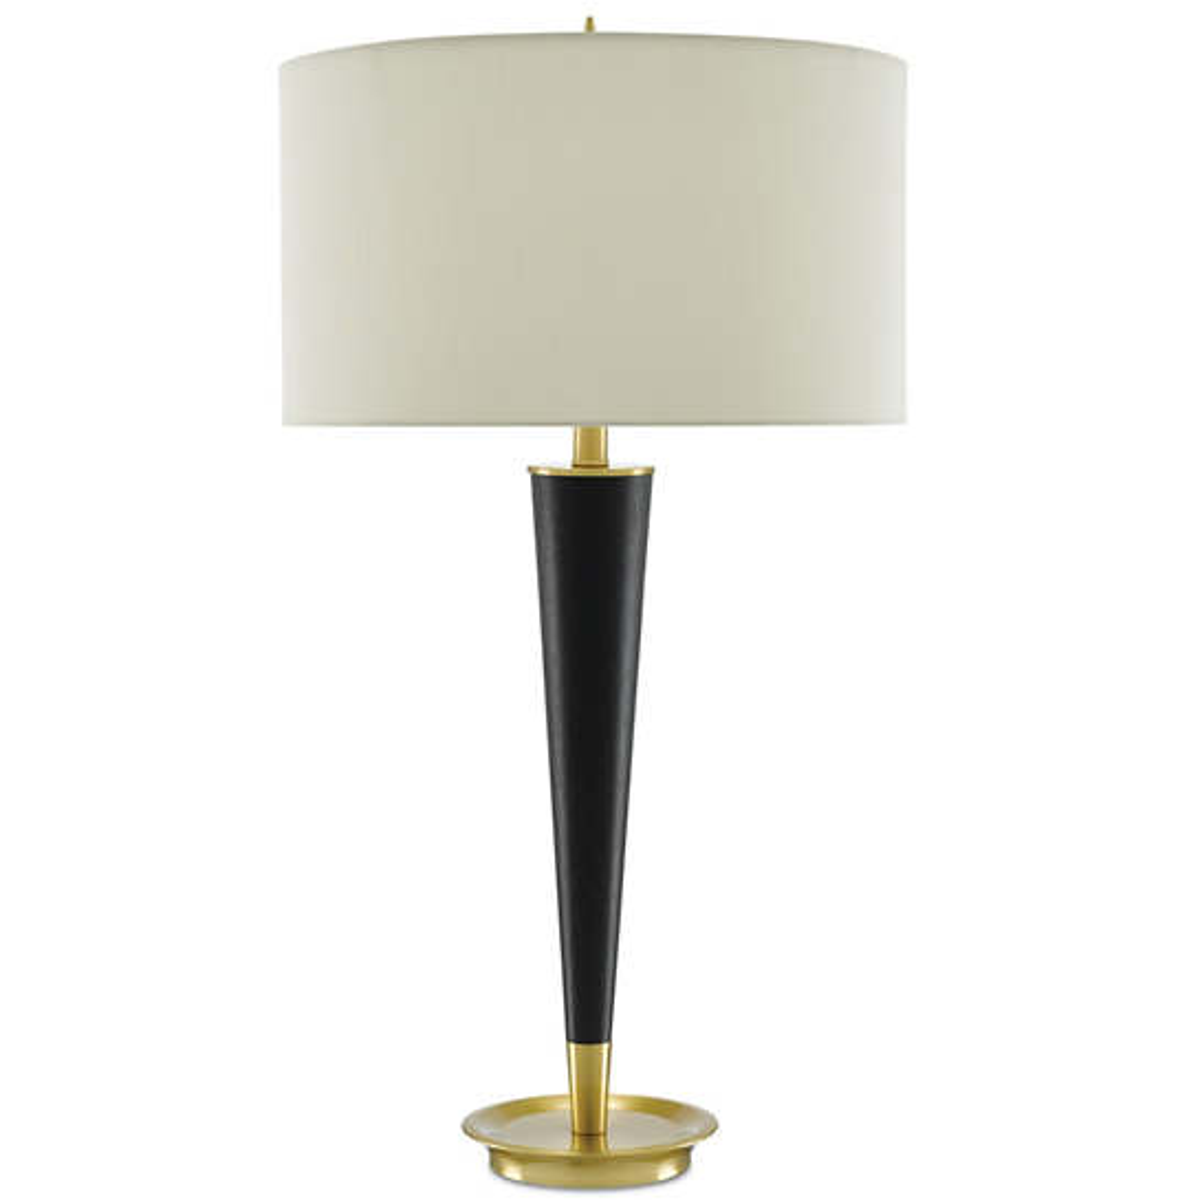 Leonard Table Lamp